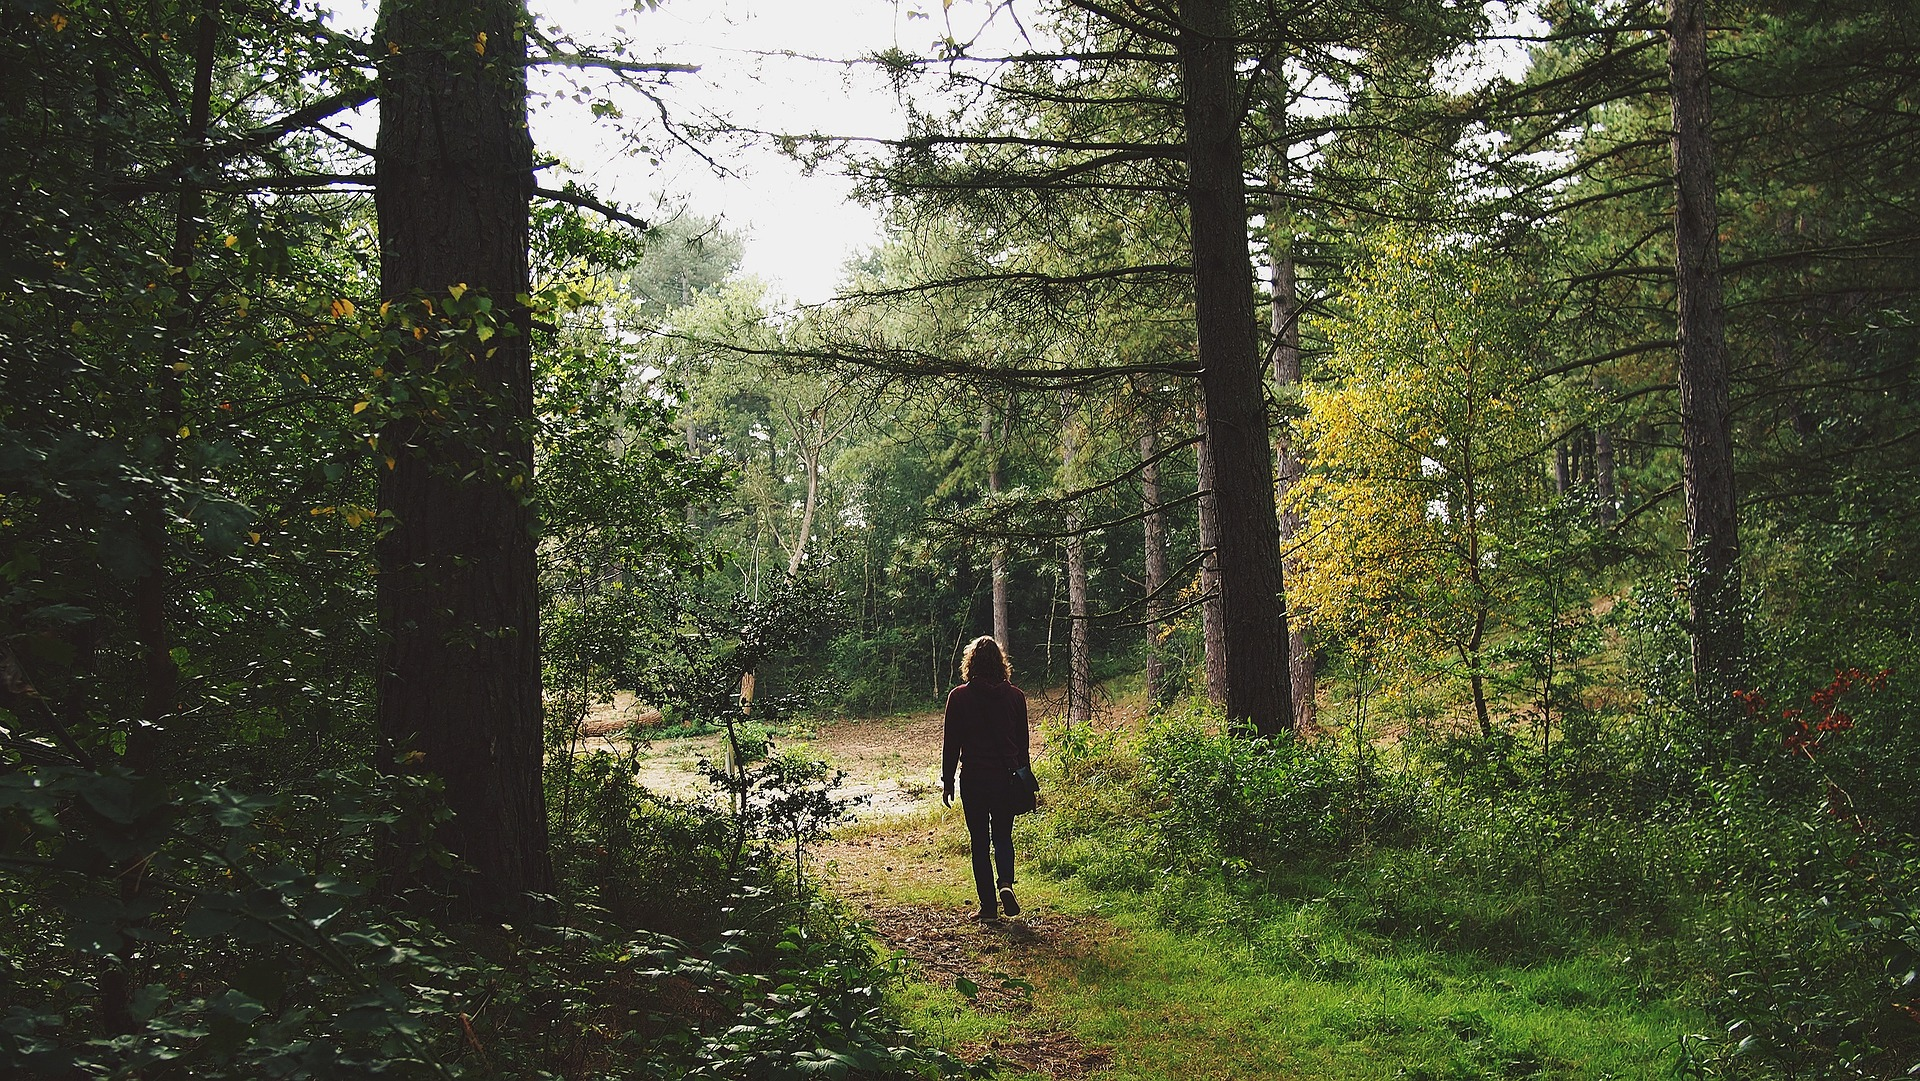 camminate in solitaria